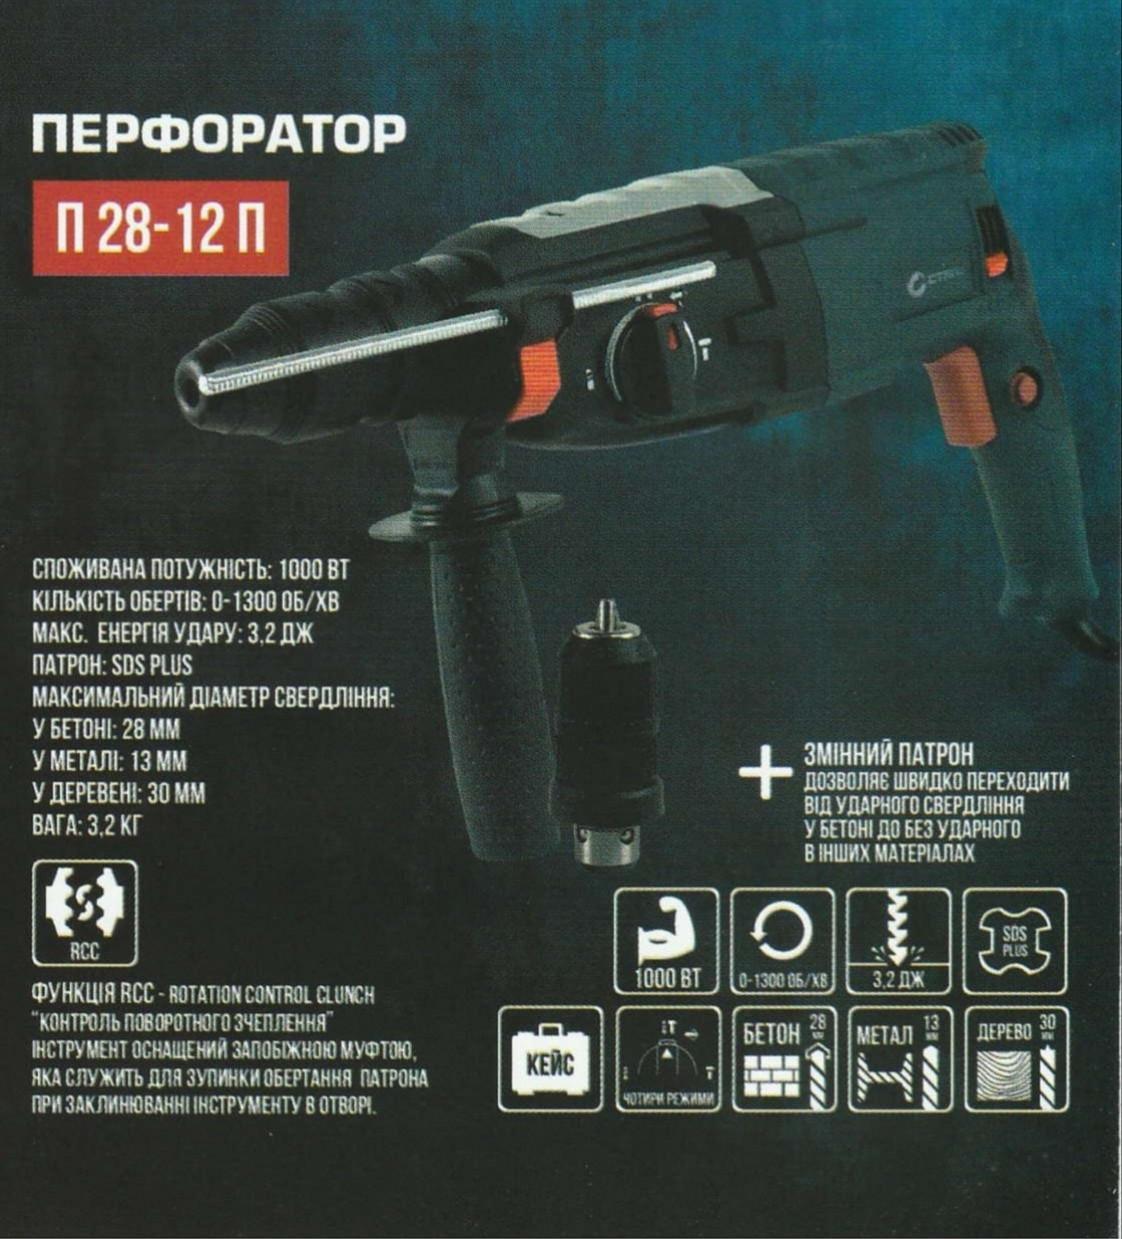 Перфоратор Сталь П 28-12 П